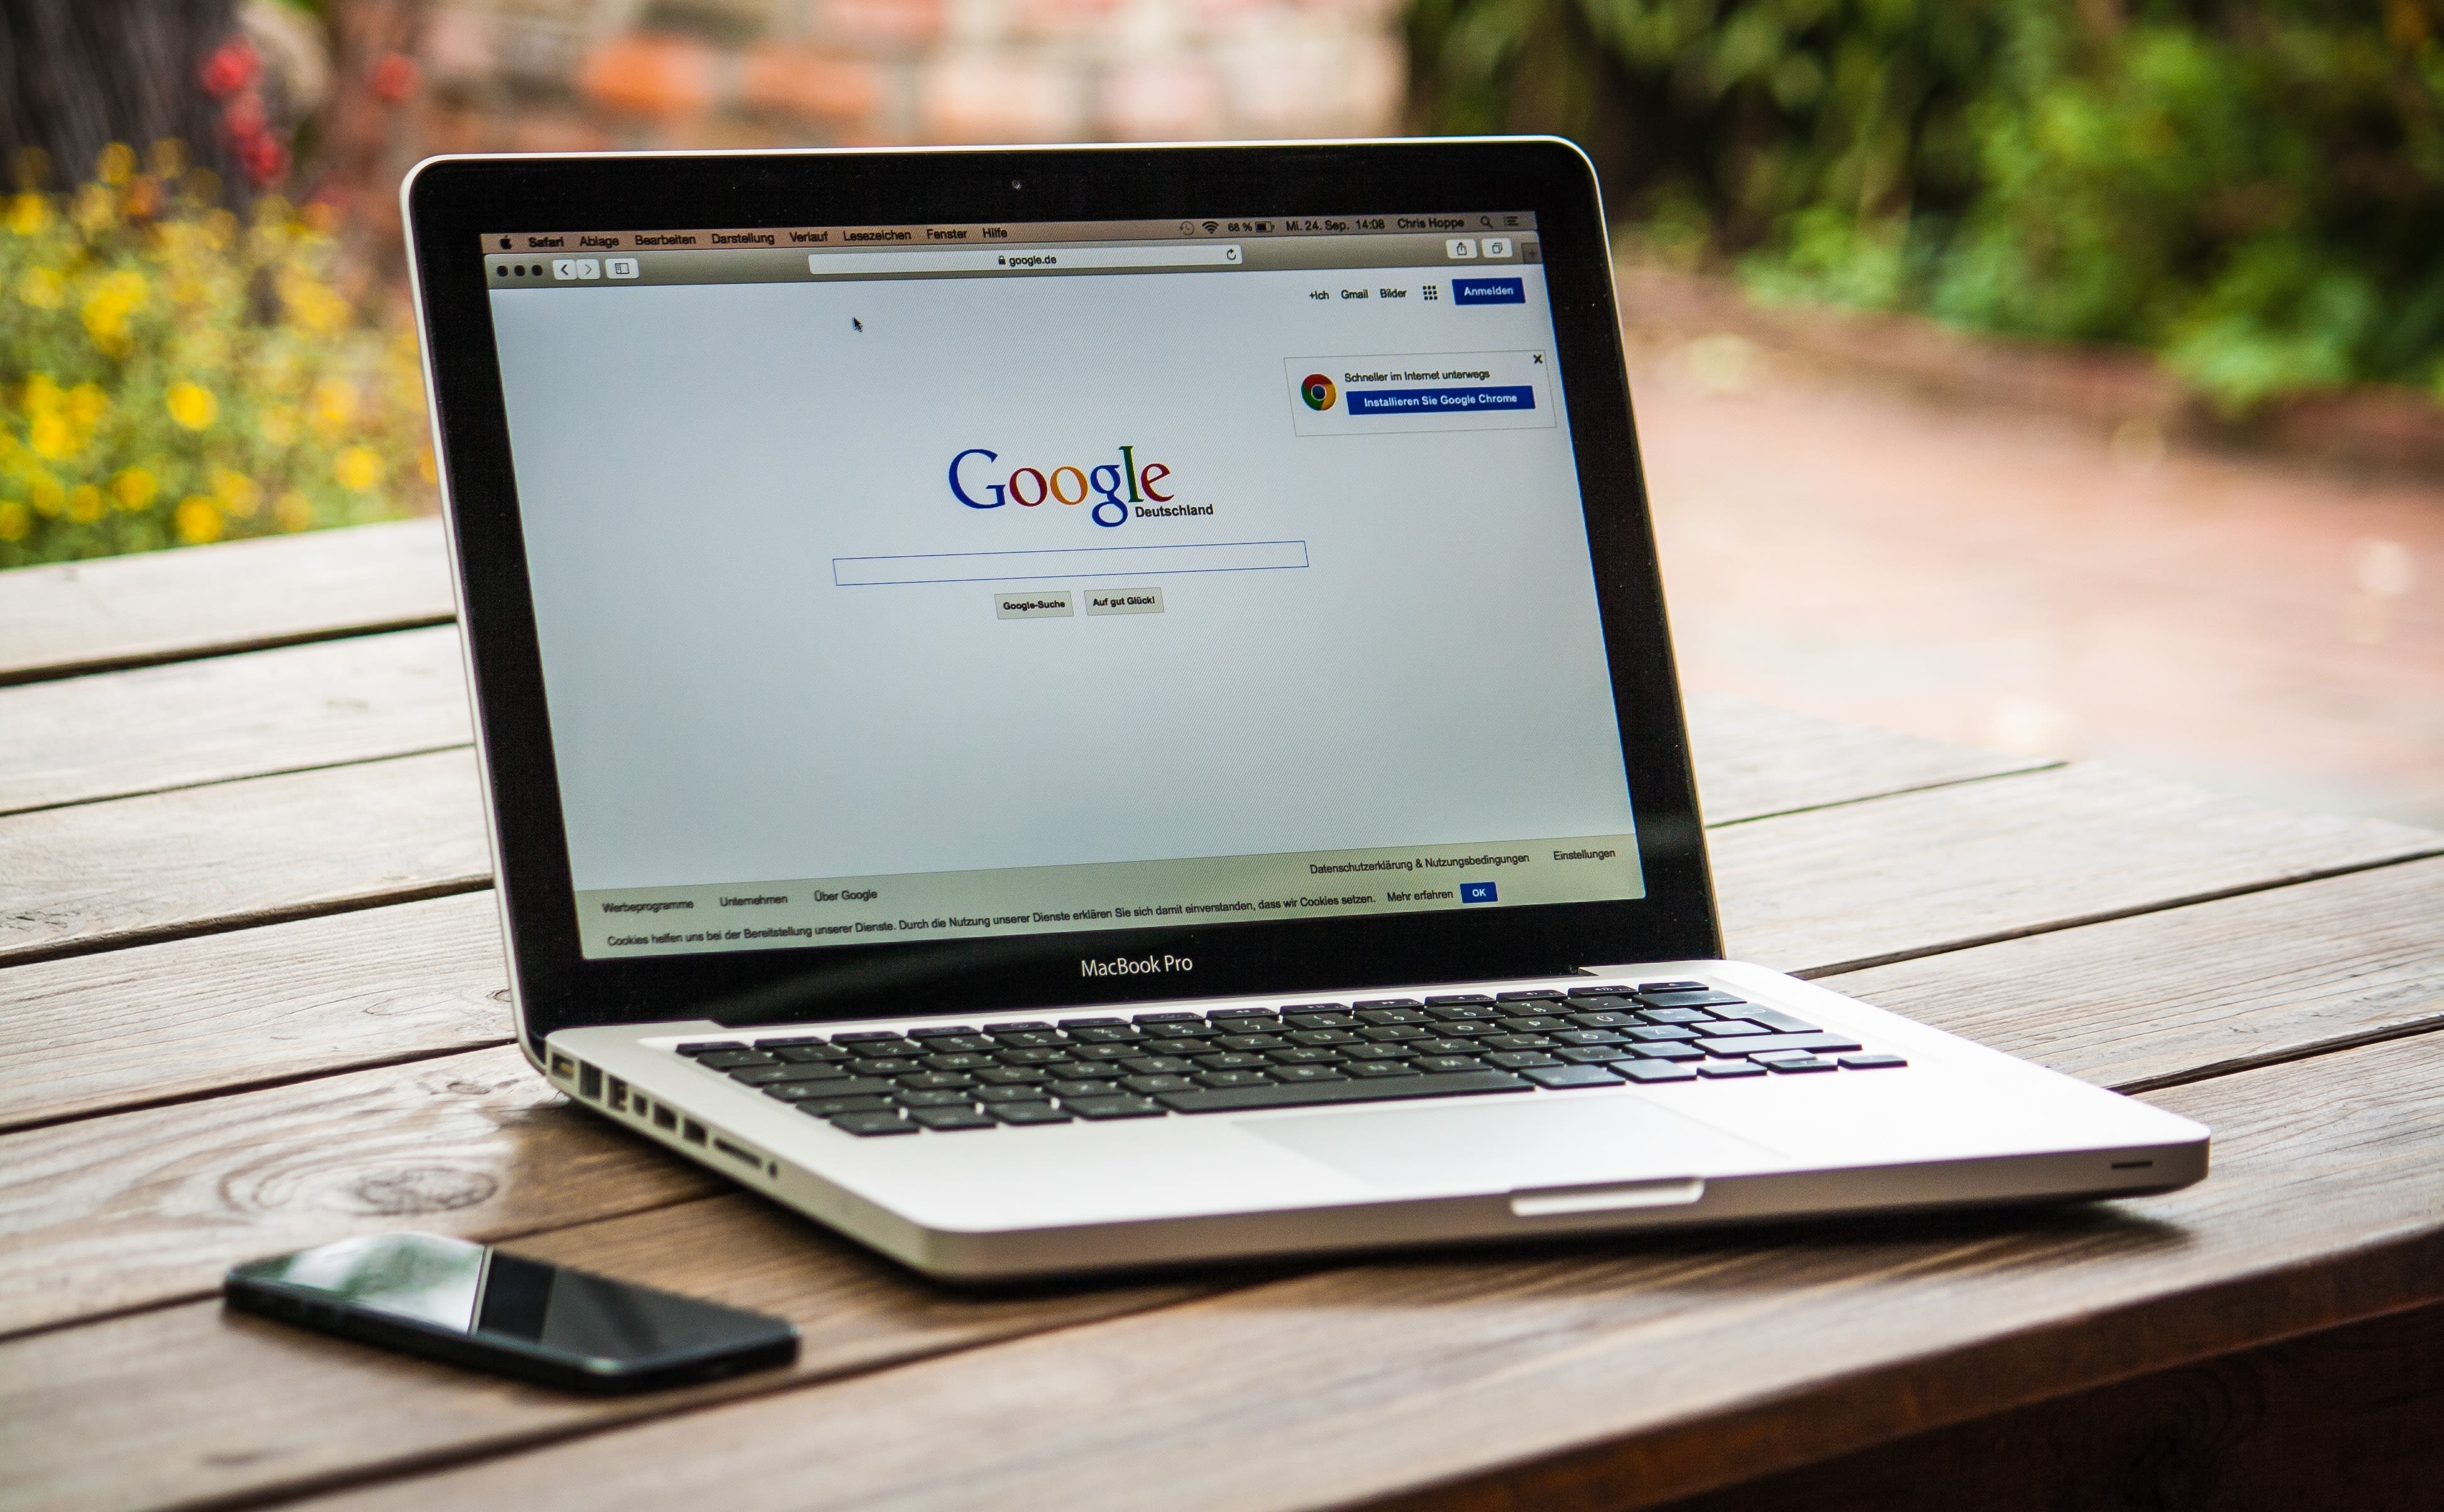 Mac Book Pro aperto sul motore di ricerca Google